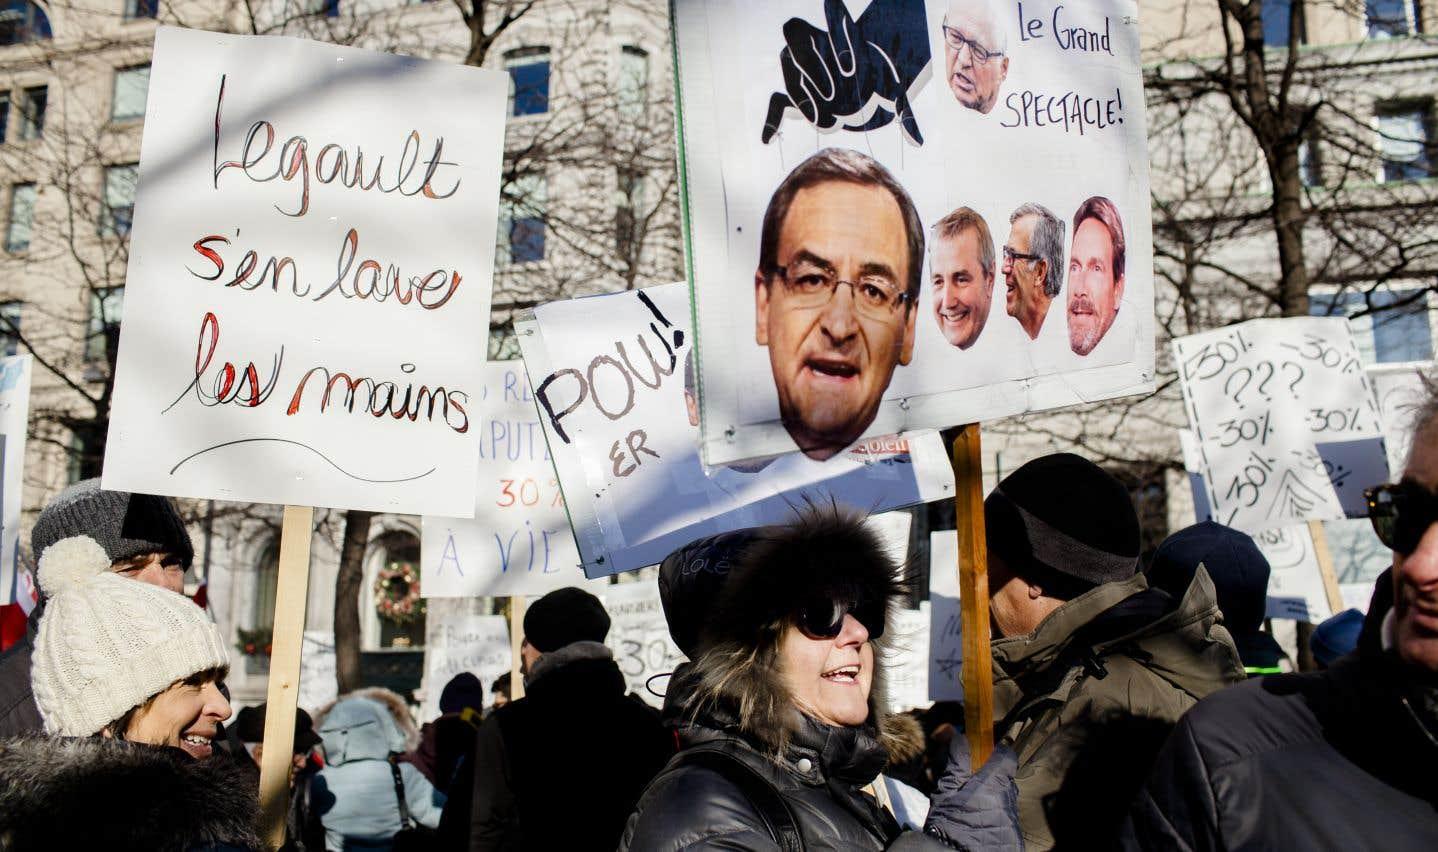 Les retraités en veulent à Martin Cauchon et à Power Corporation (autrefois propriétaire de leurs journaux), mais aussi au premier ministre François Legault, qu'ils somment d'agir pour les aider.